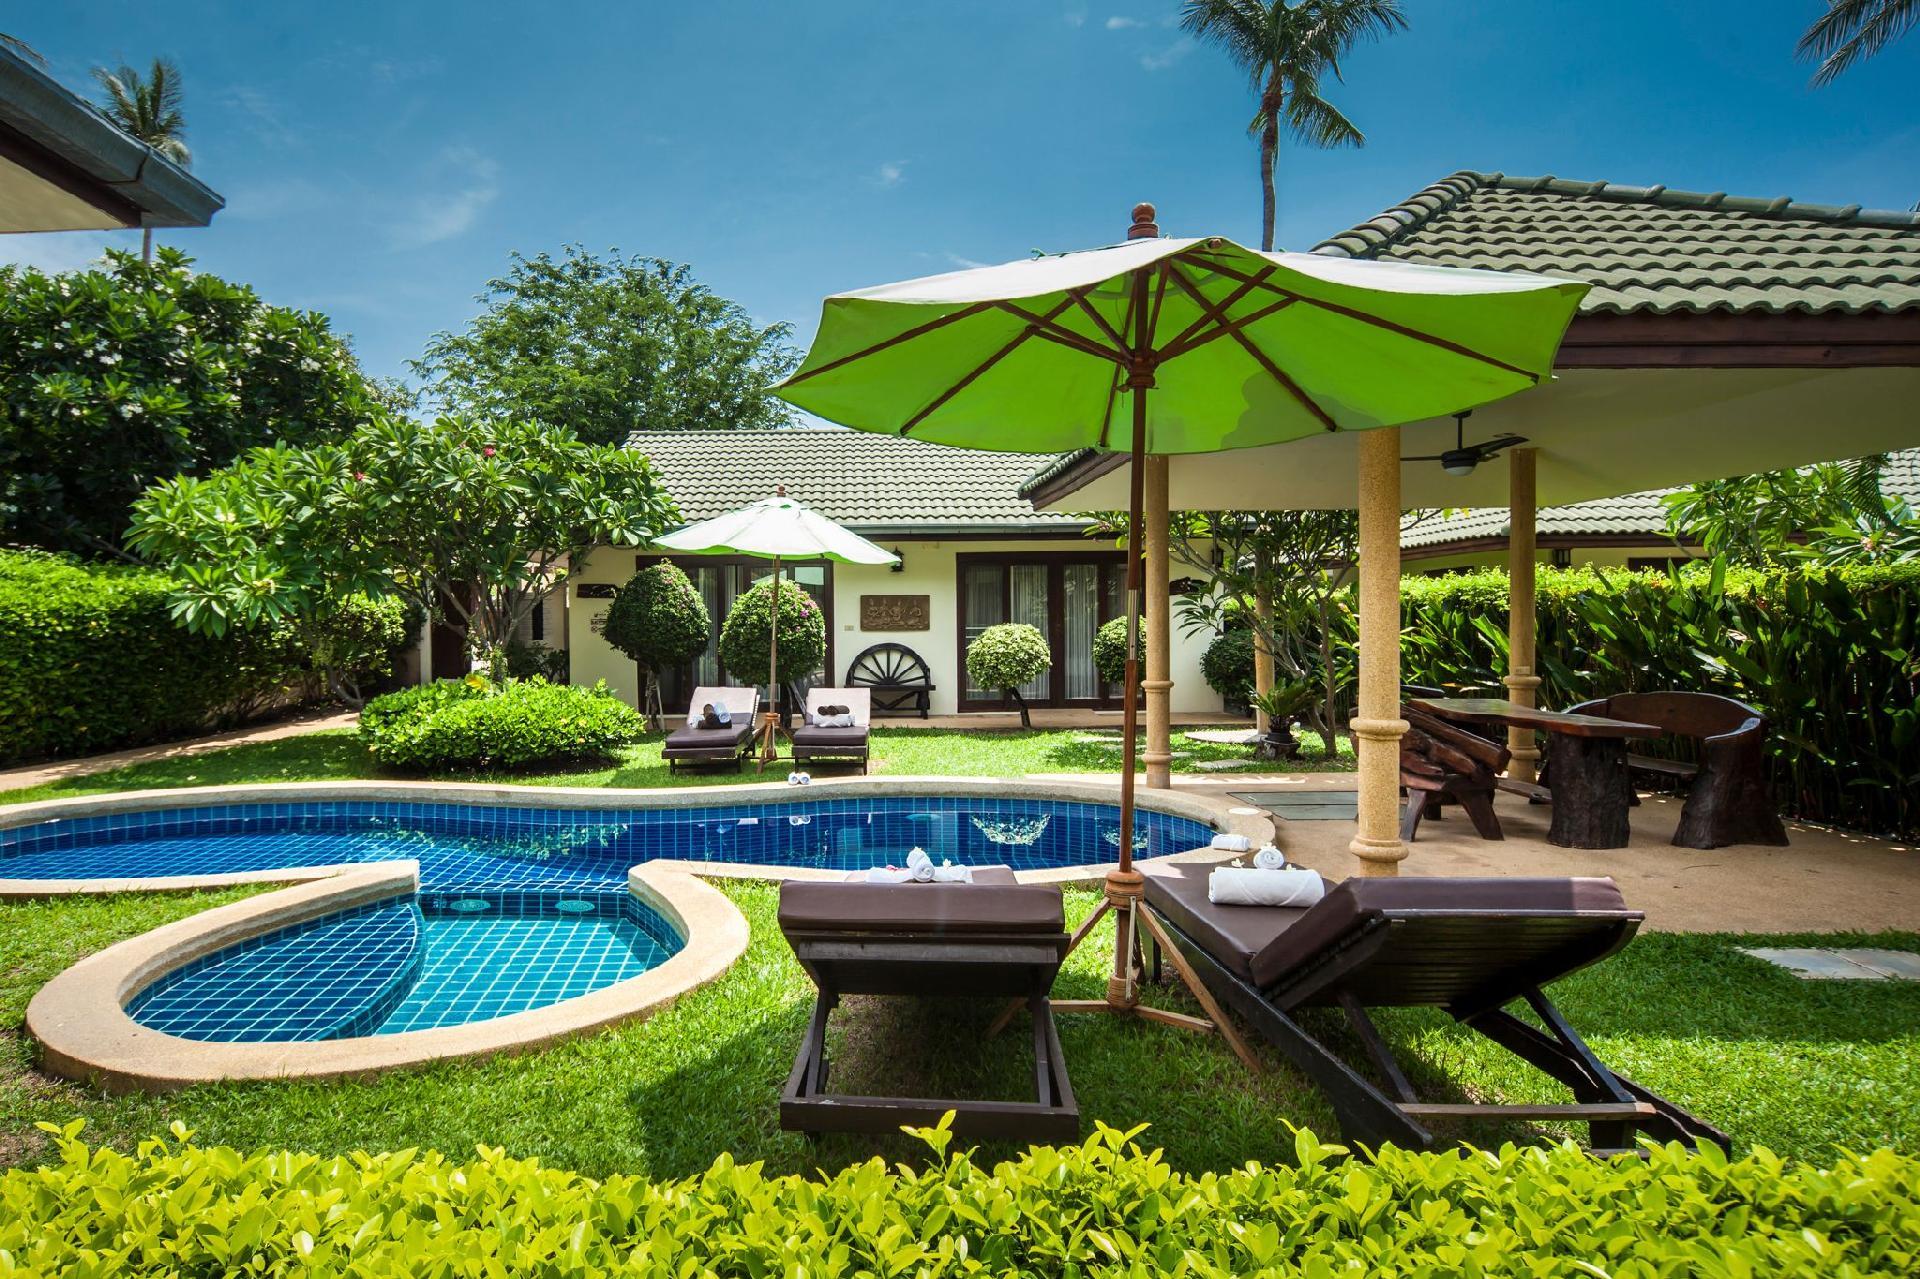 Ferienhaus mit Privatpool für 7 Personen ca.   in Thailand